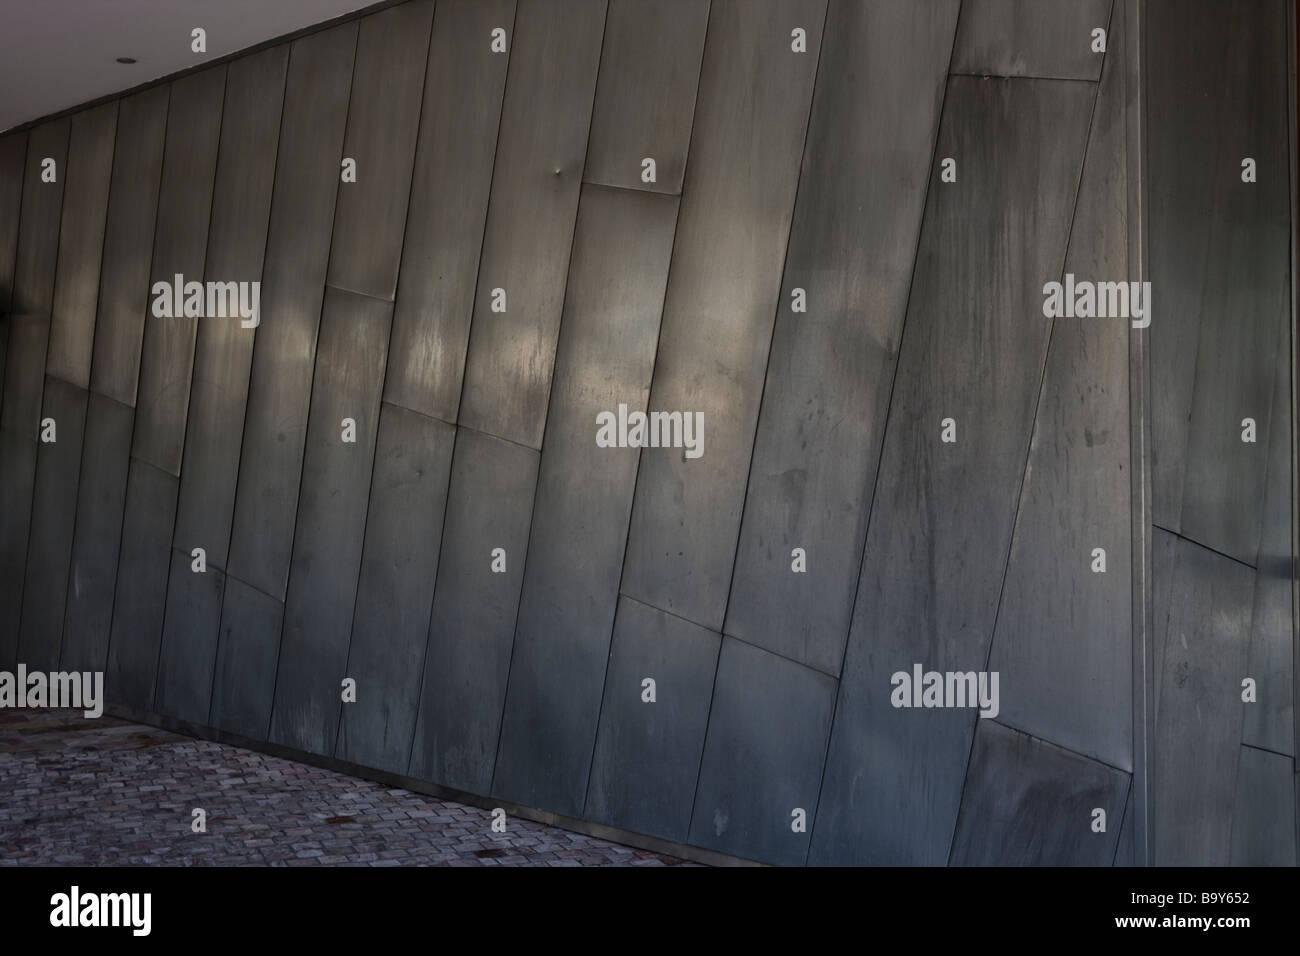 Metal polished wall. - Stock Image